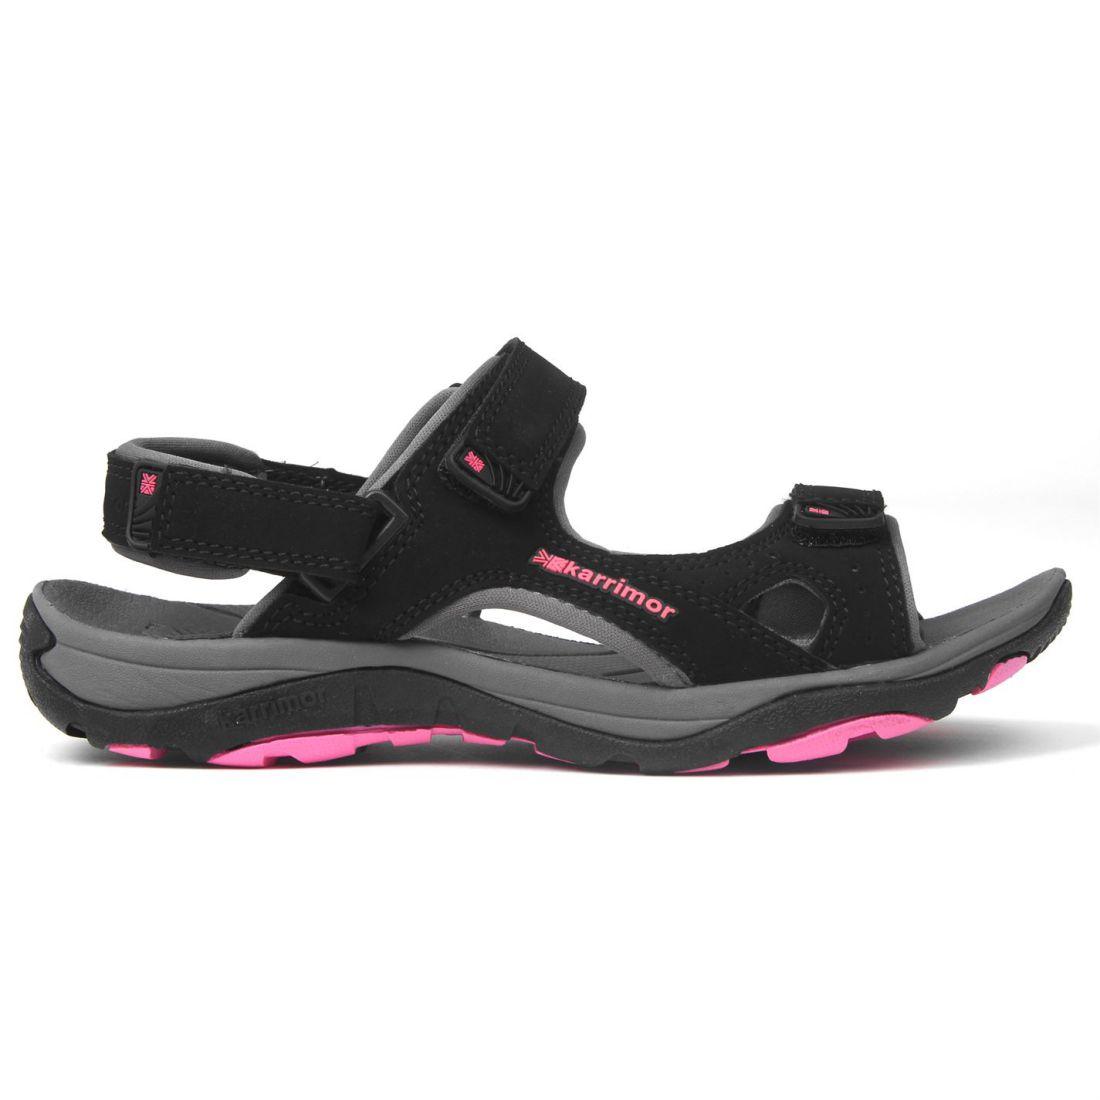 9dfac1c4cea6 Details about Karrimor Womens Antibes Ladies Sandals Summer Walking Shoes  Footwear